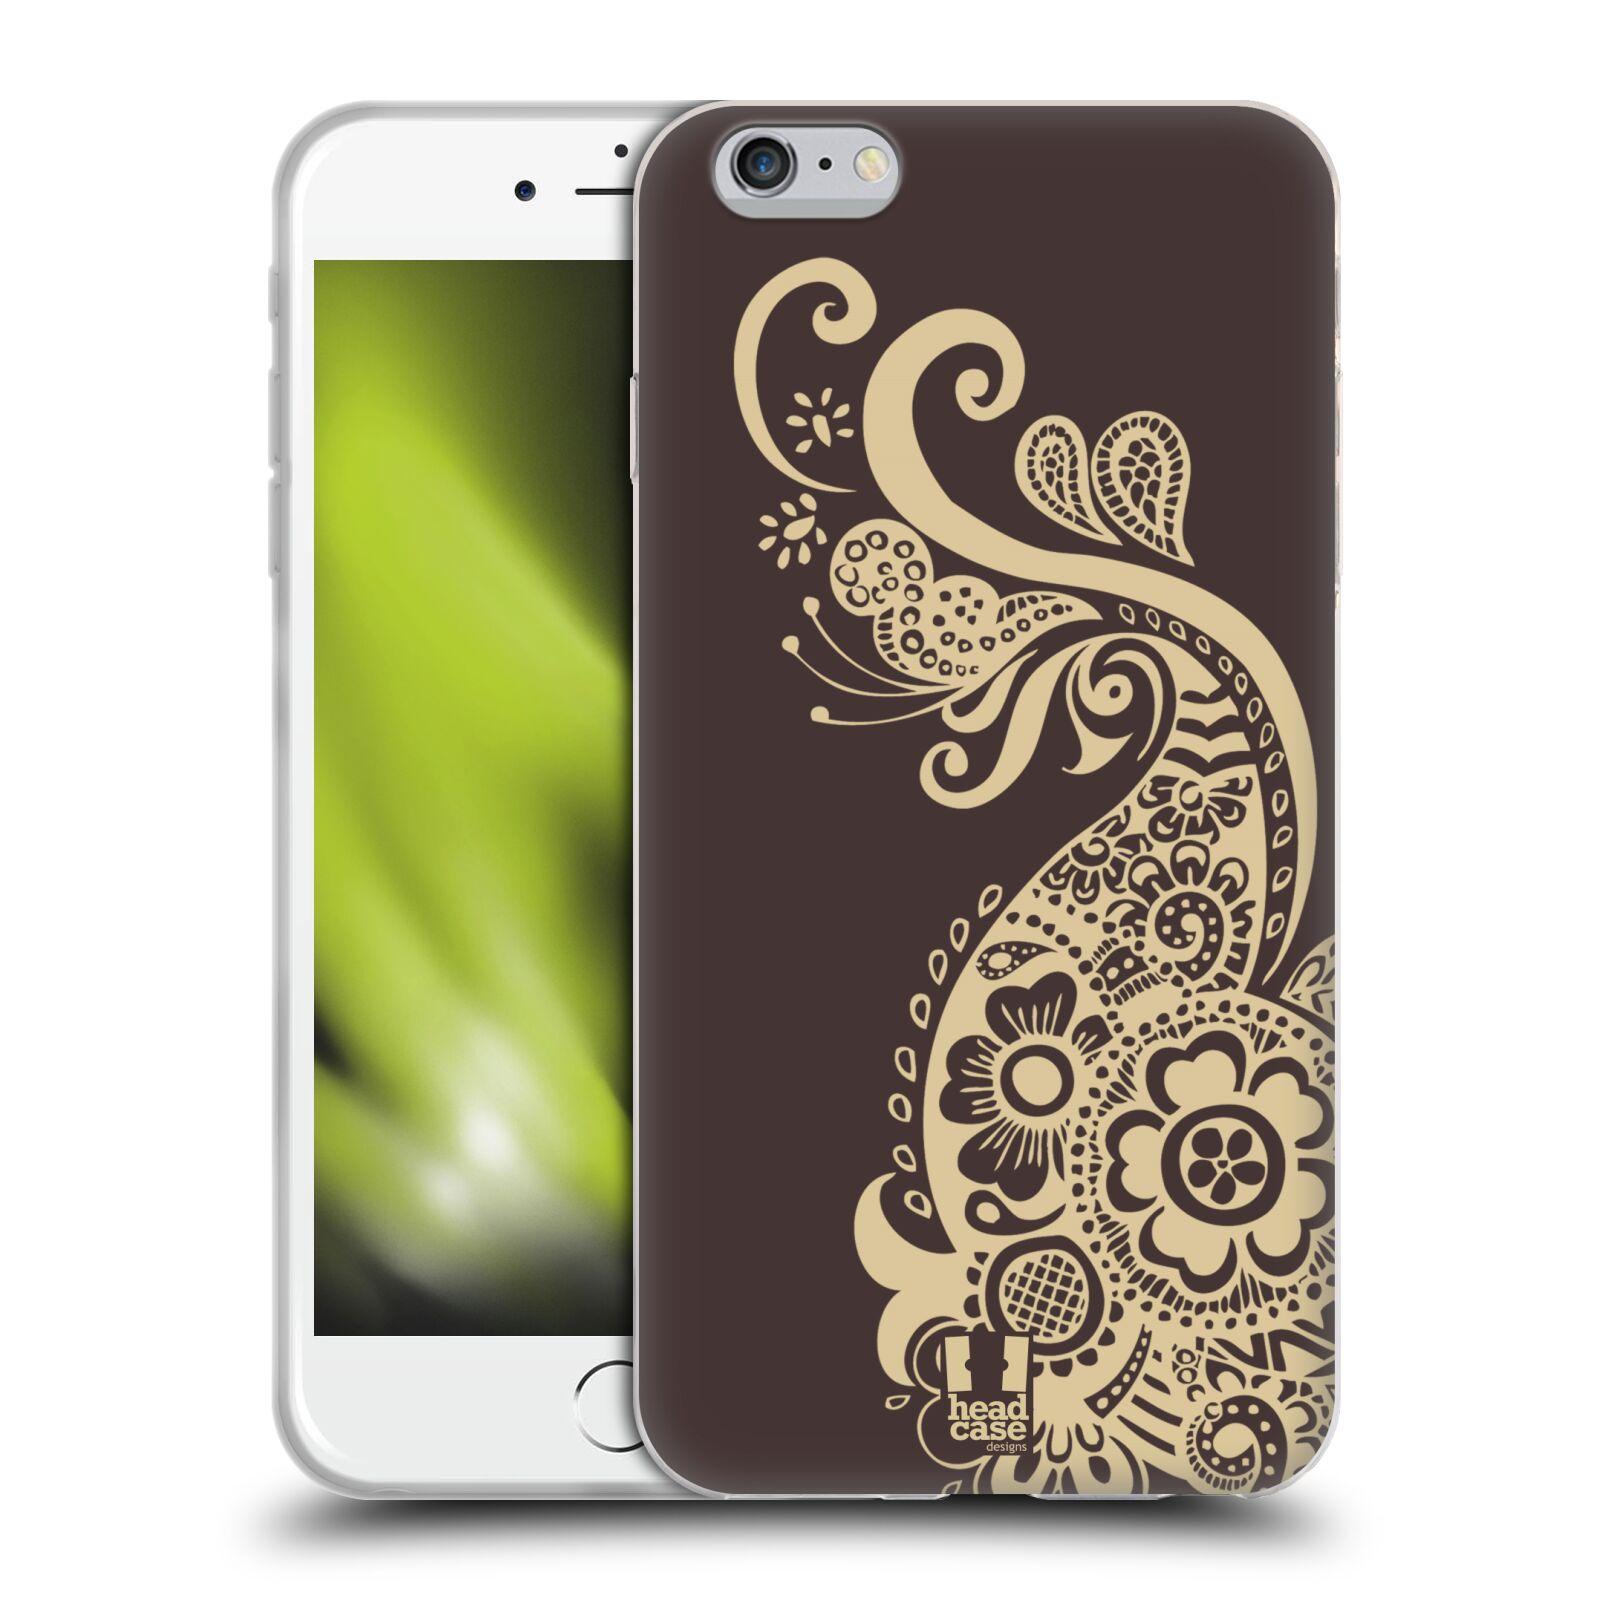 HEAD CASE silikonový obal na mobil Apple Iphone 6 PLUS/ 6S PLUS vzor Hena tetování PÁV